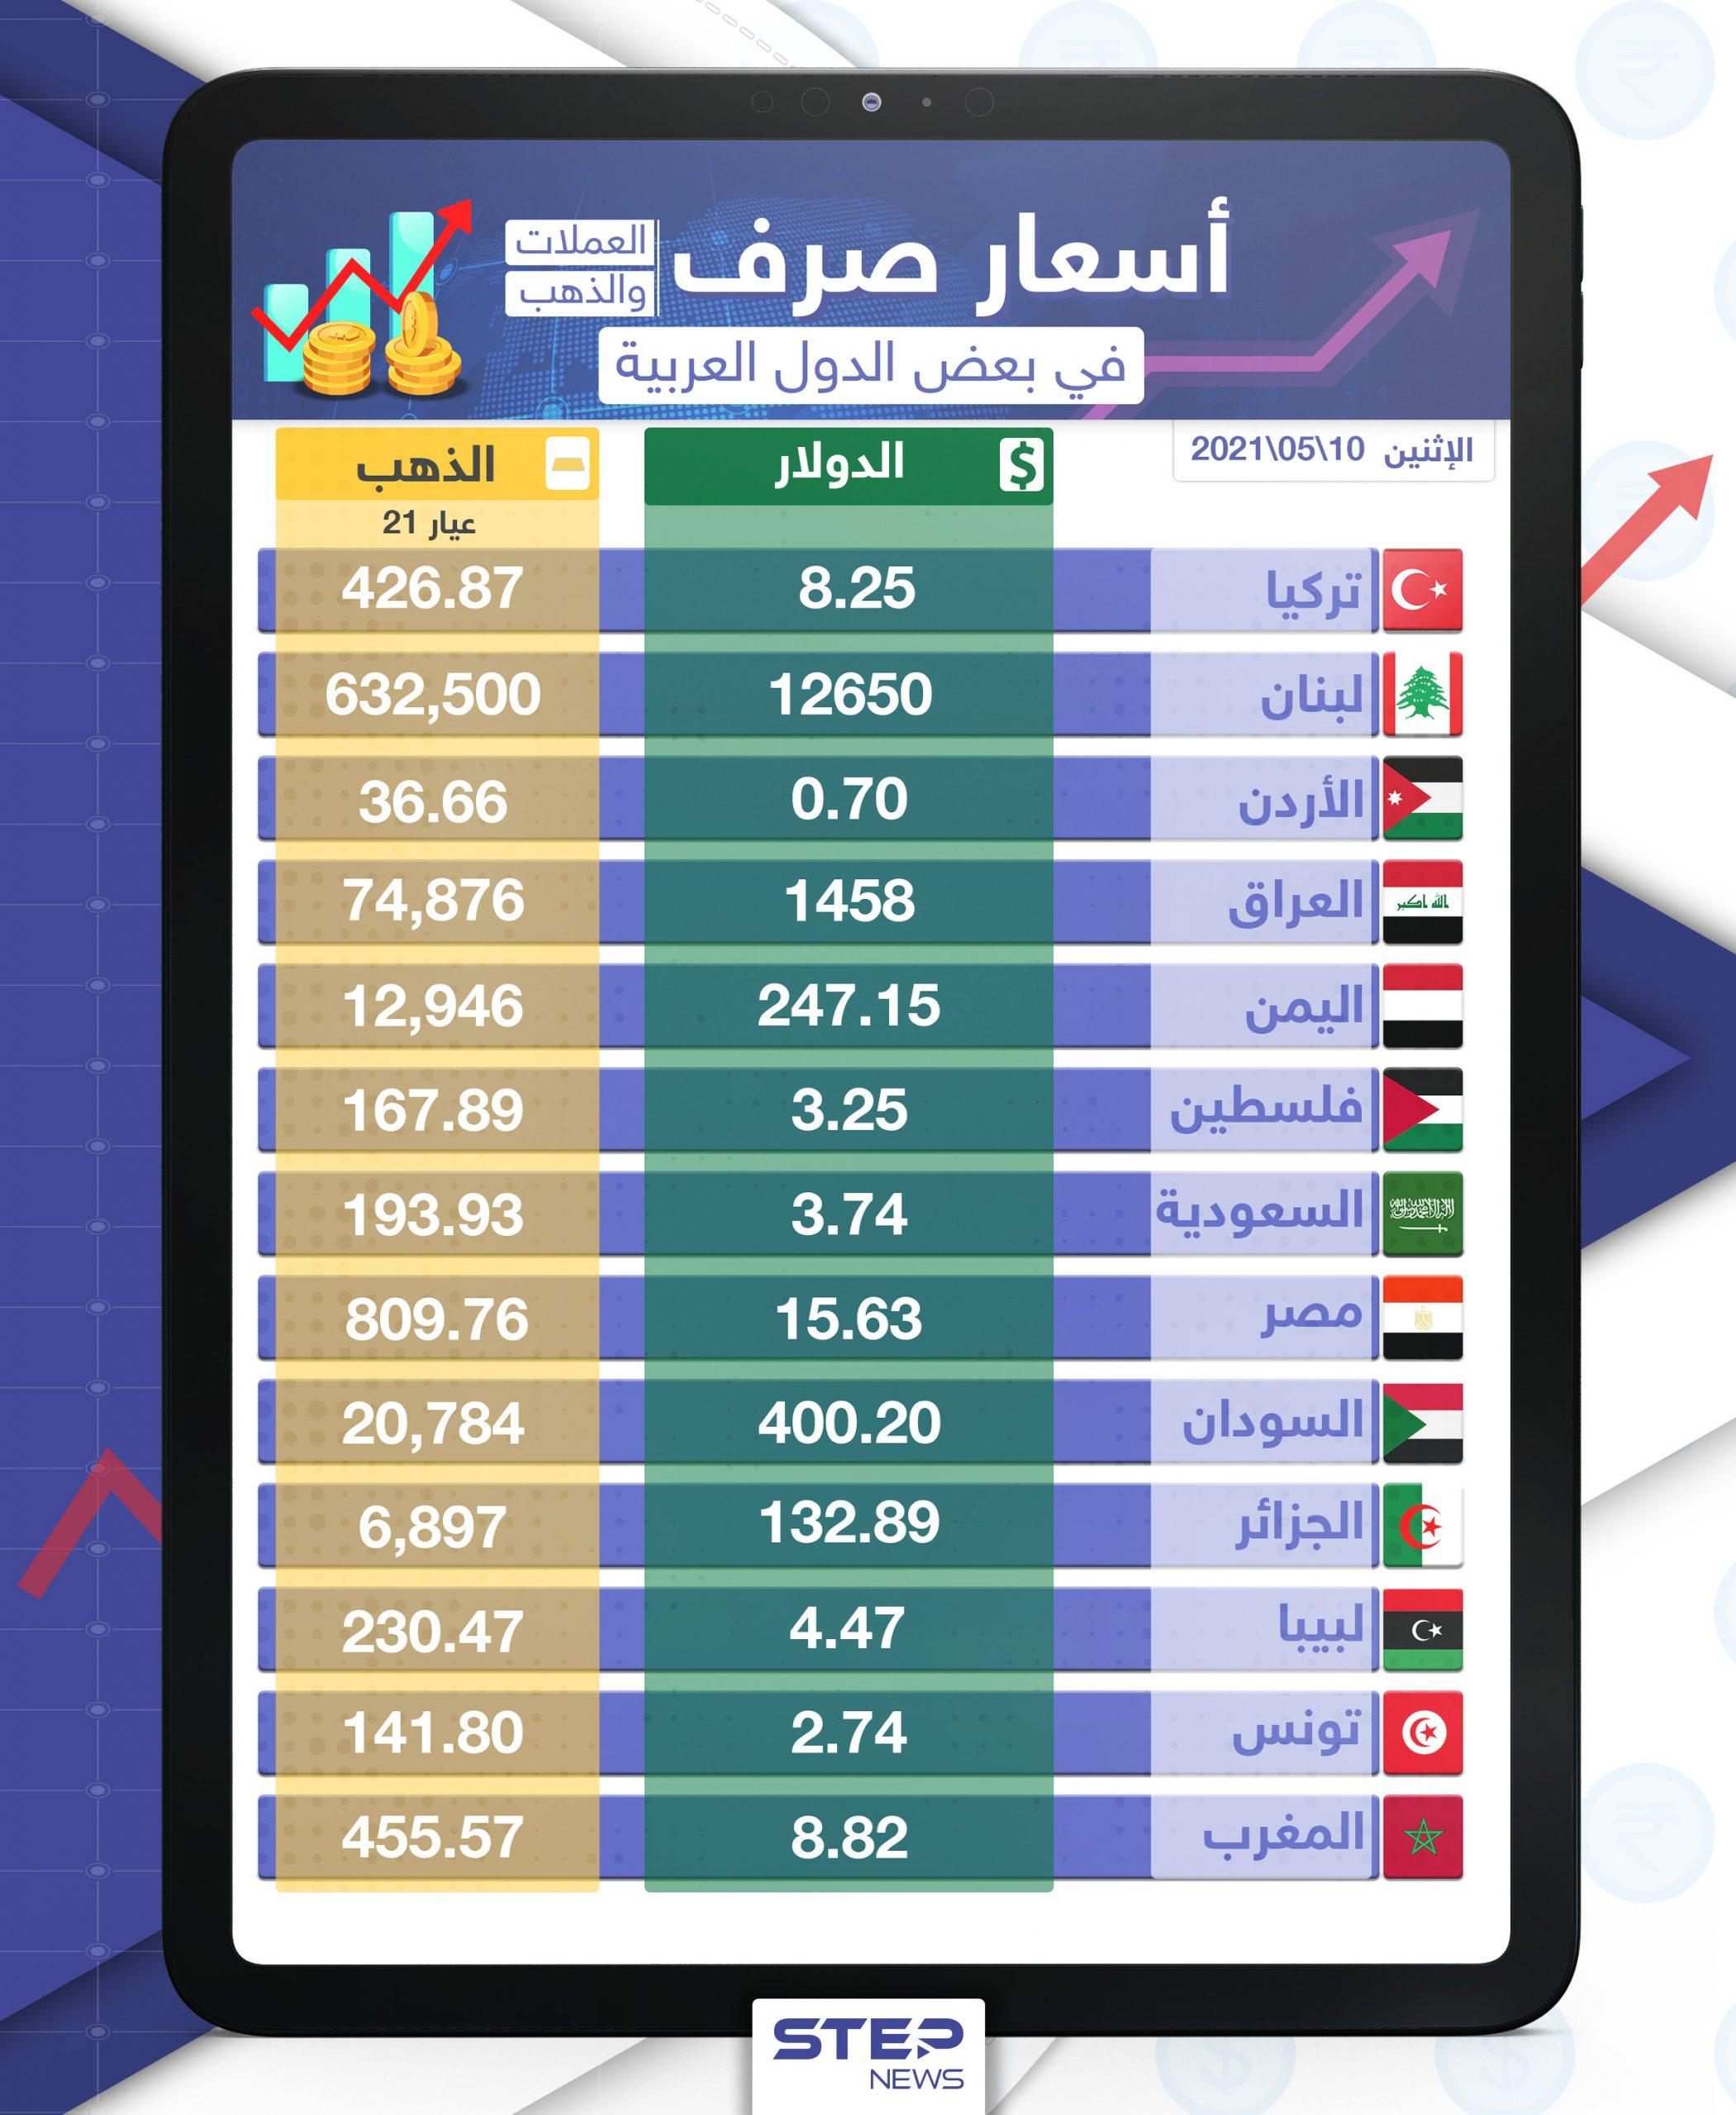 أسعار الذهب والعملات للدول العربية وتركيا اليوم الاثنين الموافق 10 أيار 2021